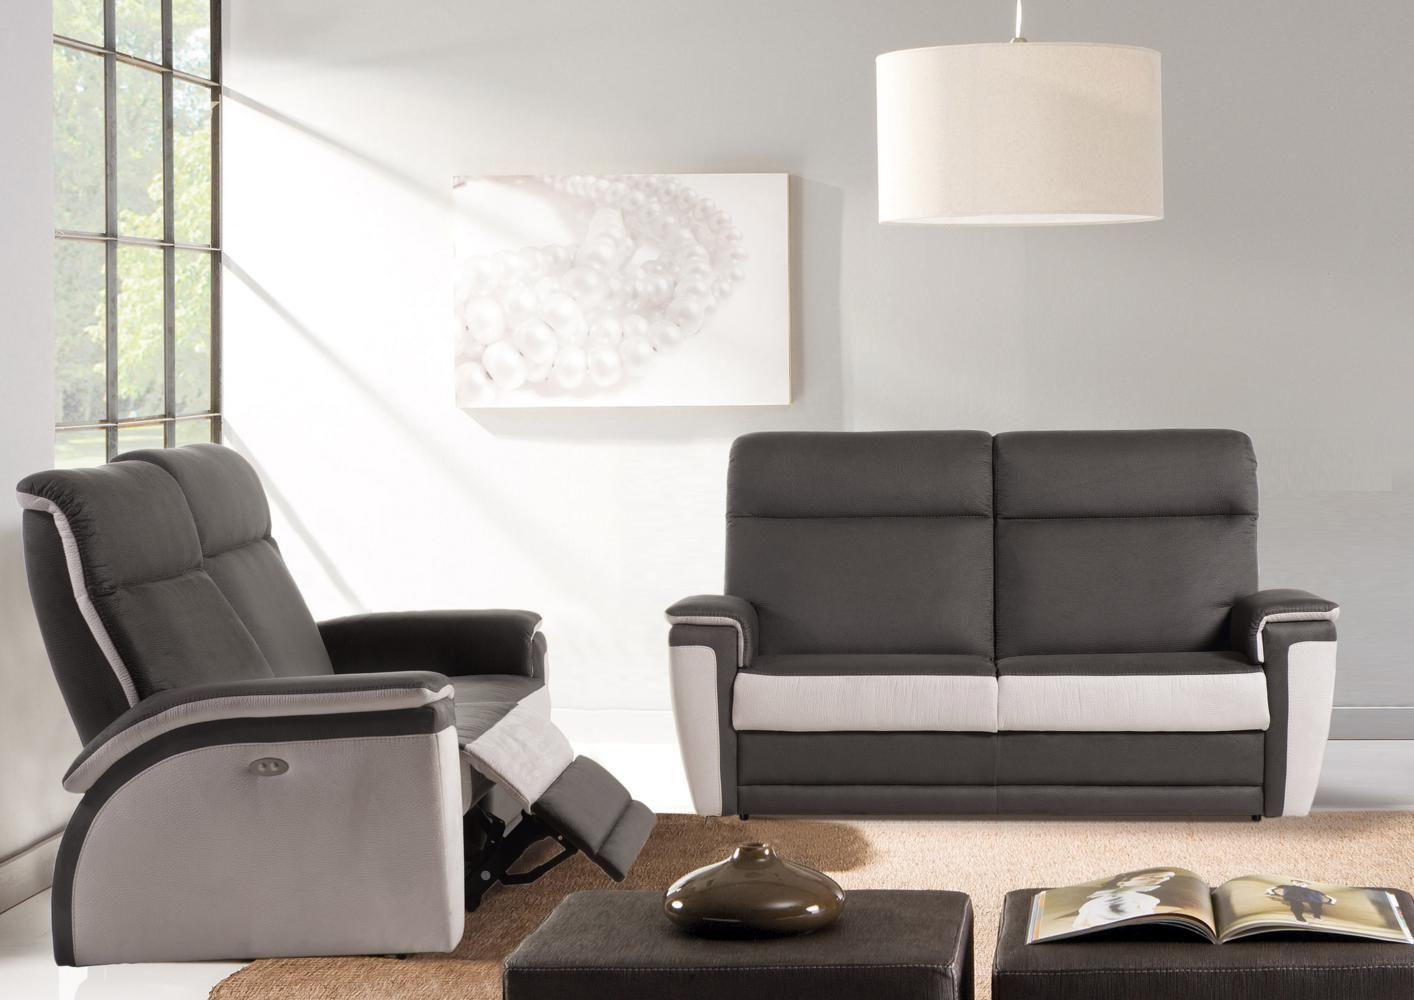 Recherches Associées À Canape Relax Electrique Canape Relax ... avec Canape Relax Design